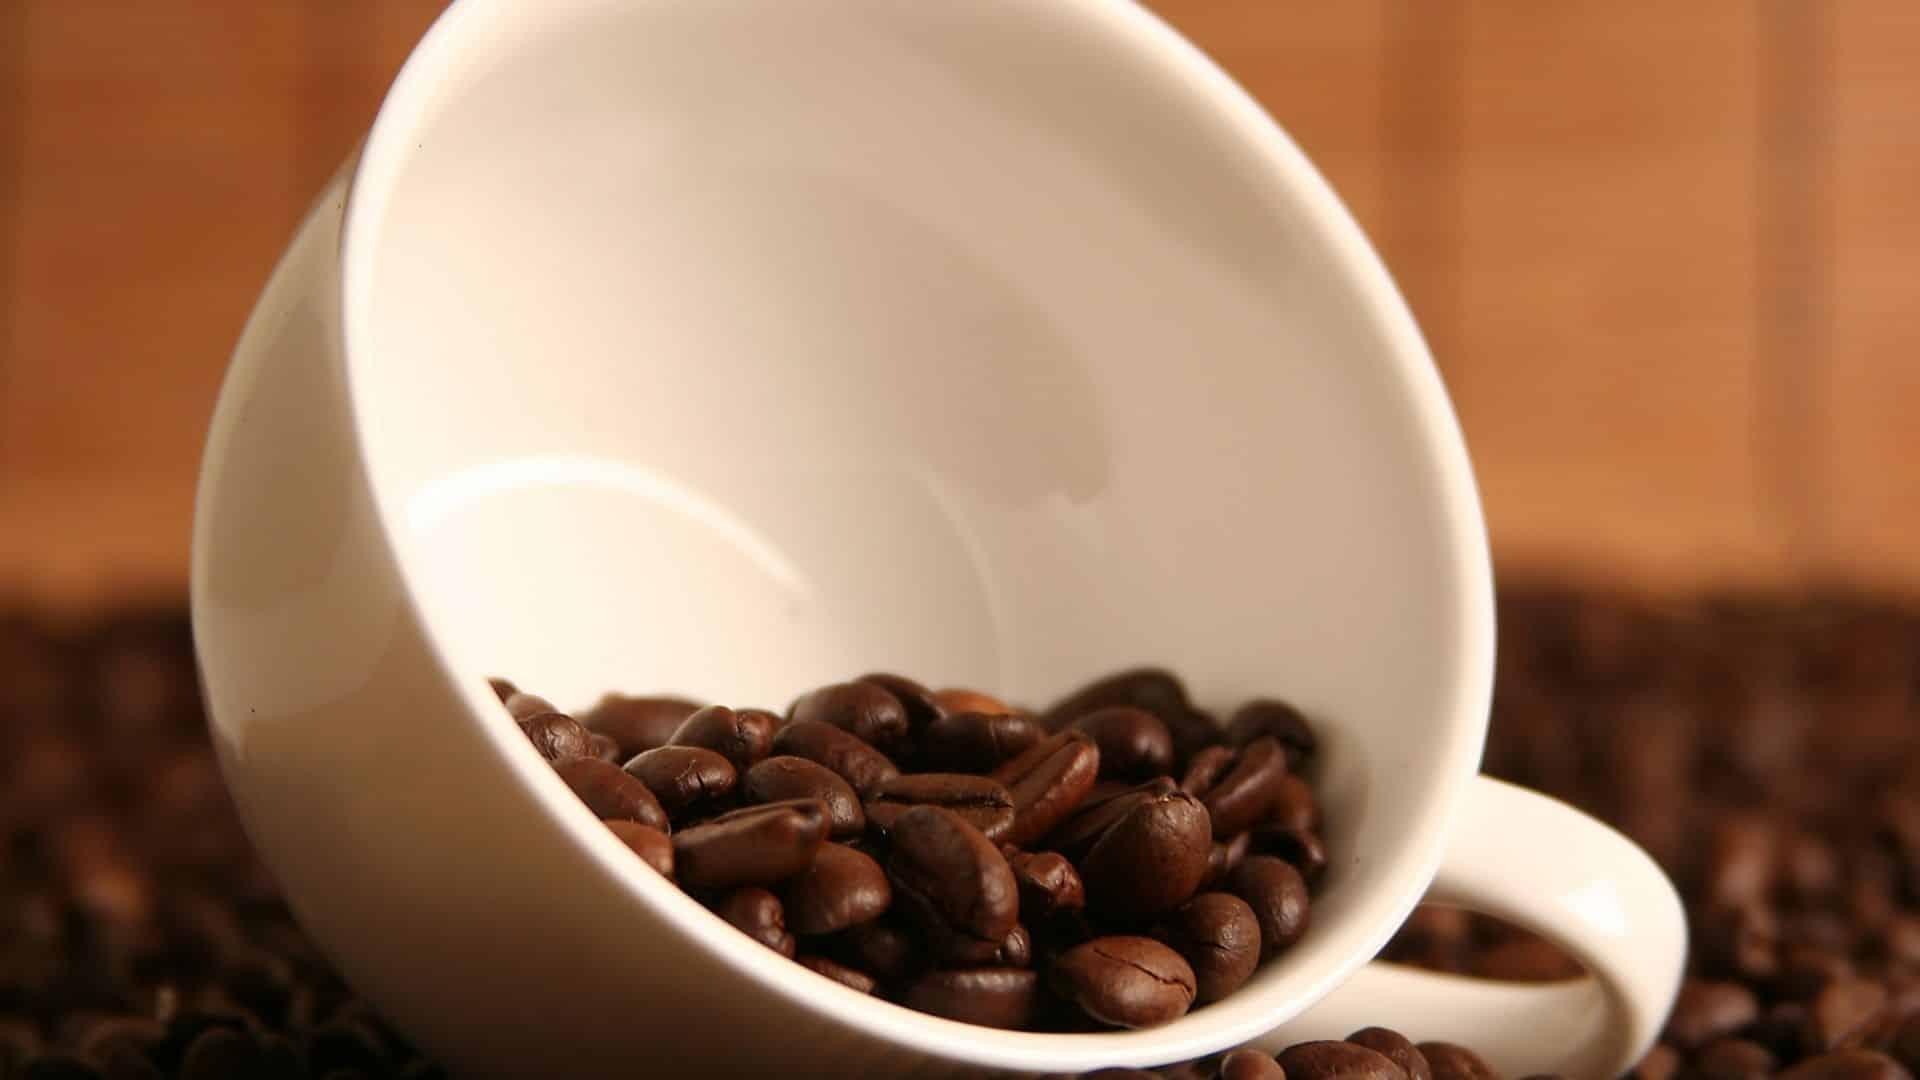 Egy dietetikus tippeket oszt meg a koffein megvonásának elkerülése érdekében, amikor megkönnyíti szokását. Kávé, tea, szóda, energiaitalok ... a koffein különféle formákban fordul elő, de mindegyikben van egy közös jellemző: hihetetlenül nehéz leszokni róla.